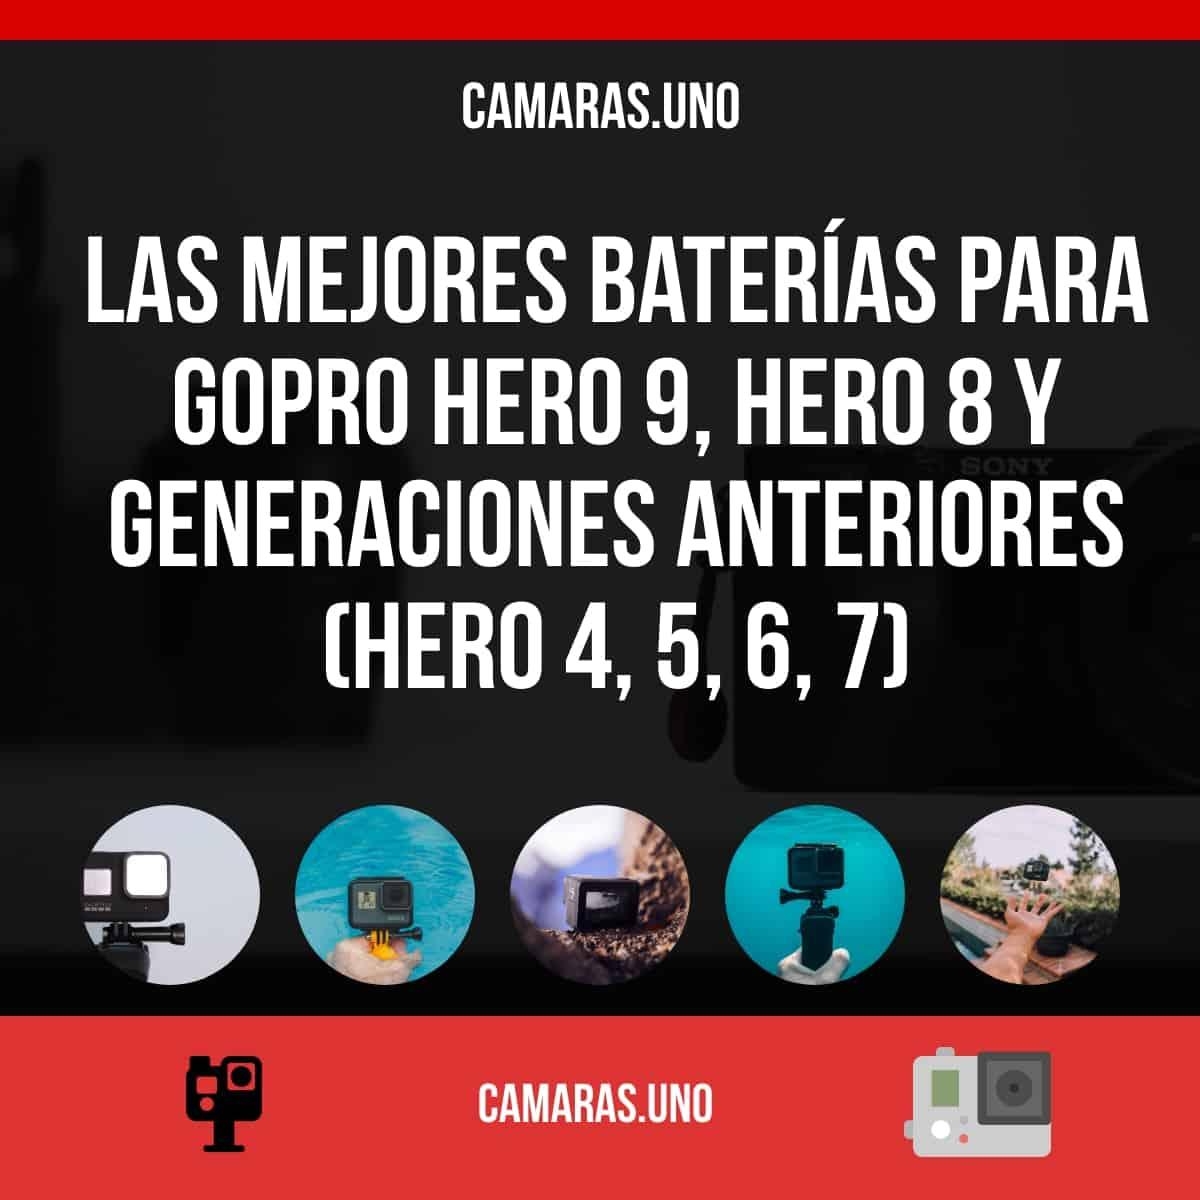 Las mejores baterías para GoPro HERO 9, HERO 8 y generaciones anteriores (HERO 4, 5, 6, 7)